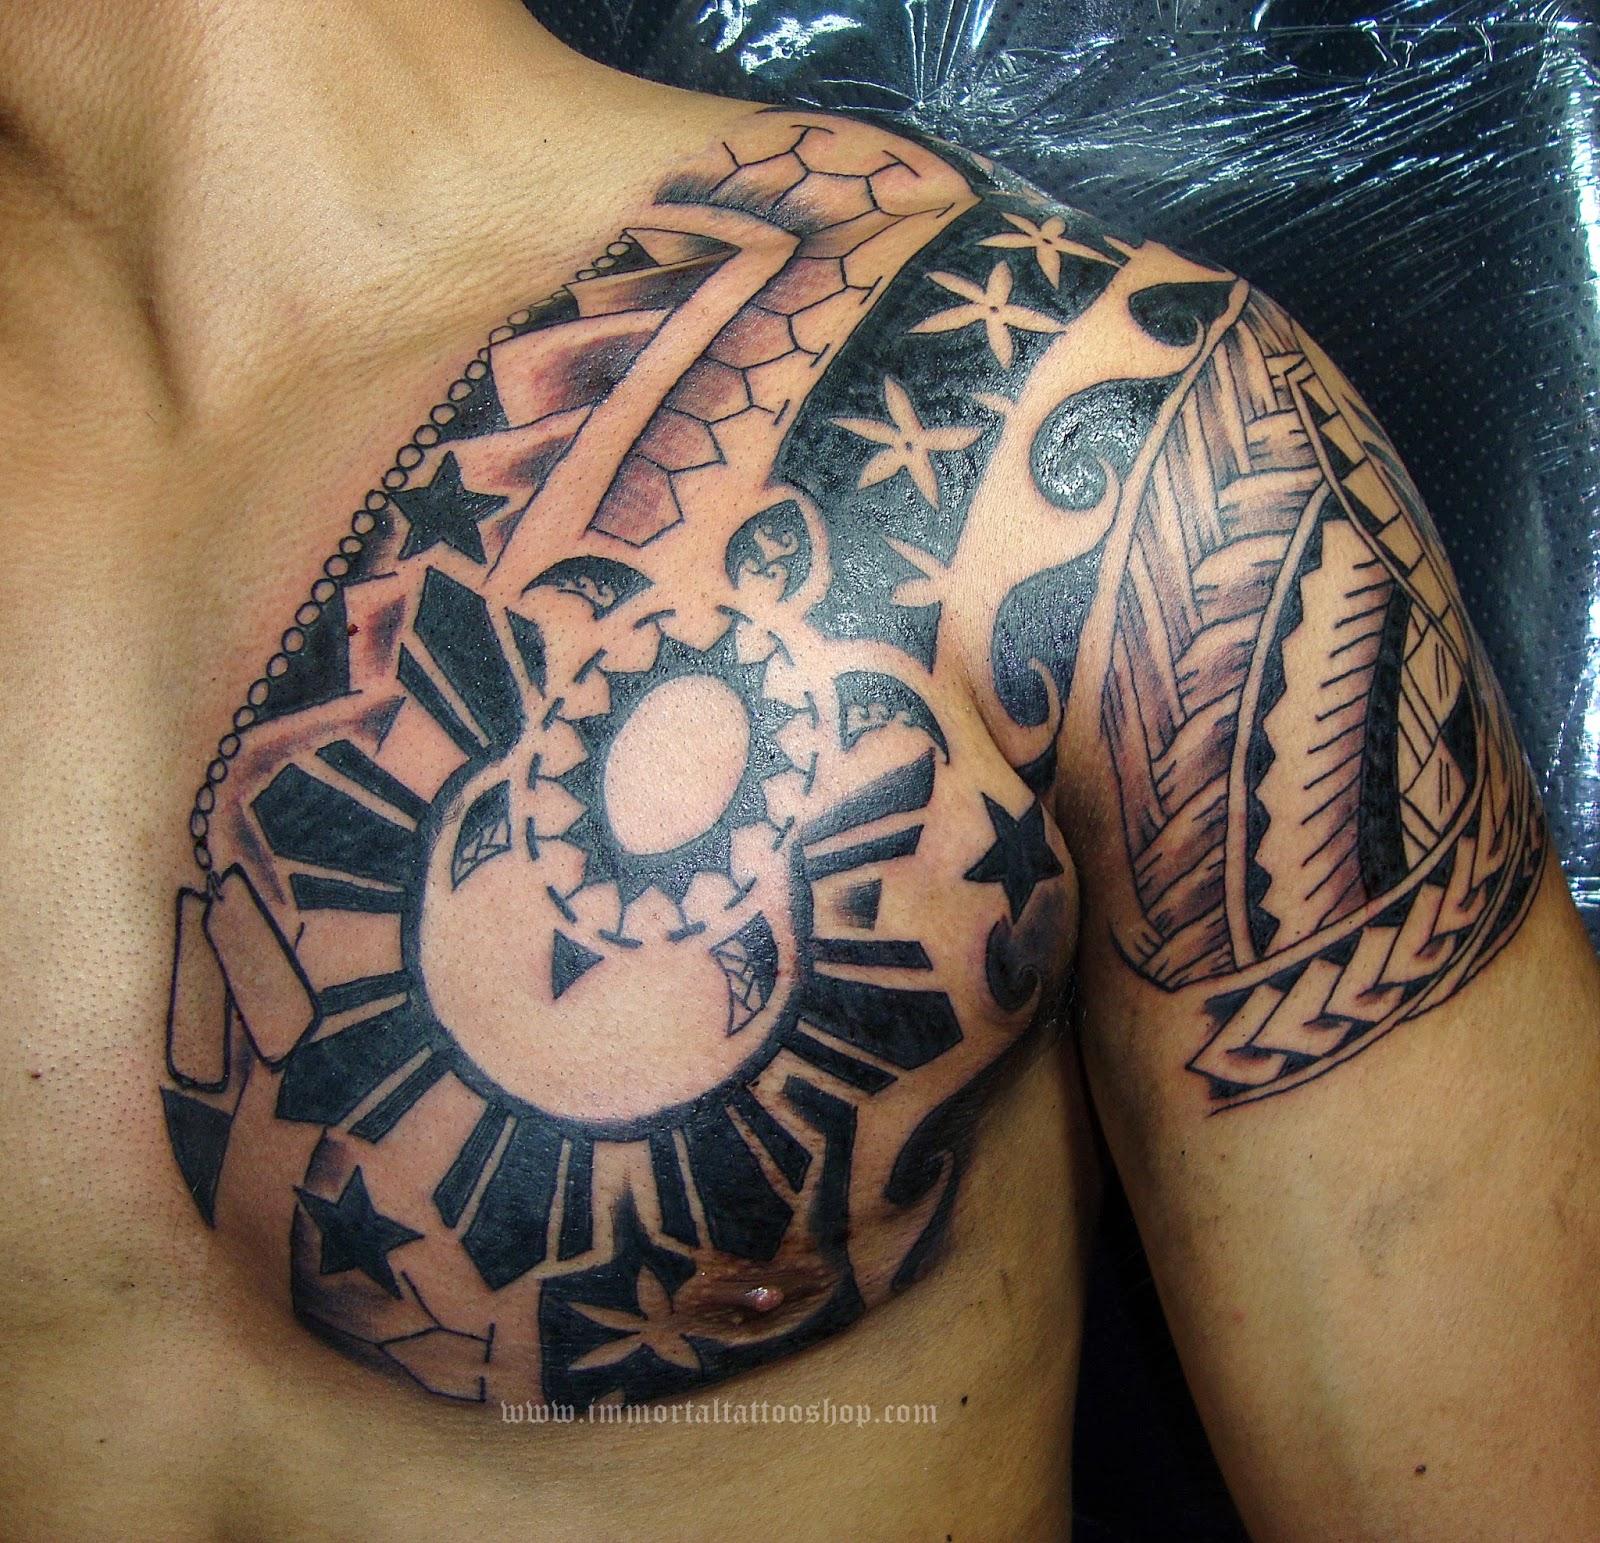 Tribal Tattoos: IMMORTAL TATTOO MANILA PHILIPPINES By Frank Ibanez Jr